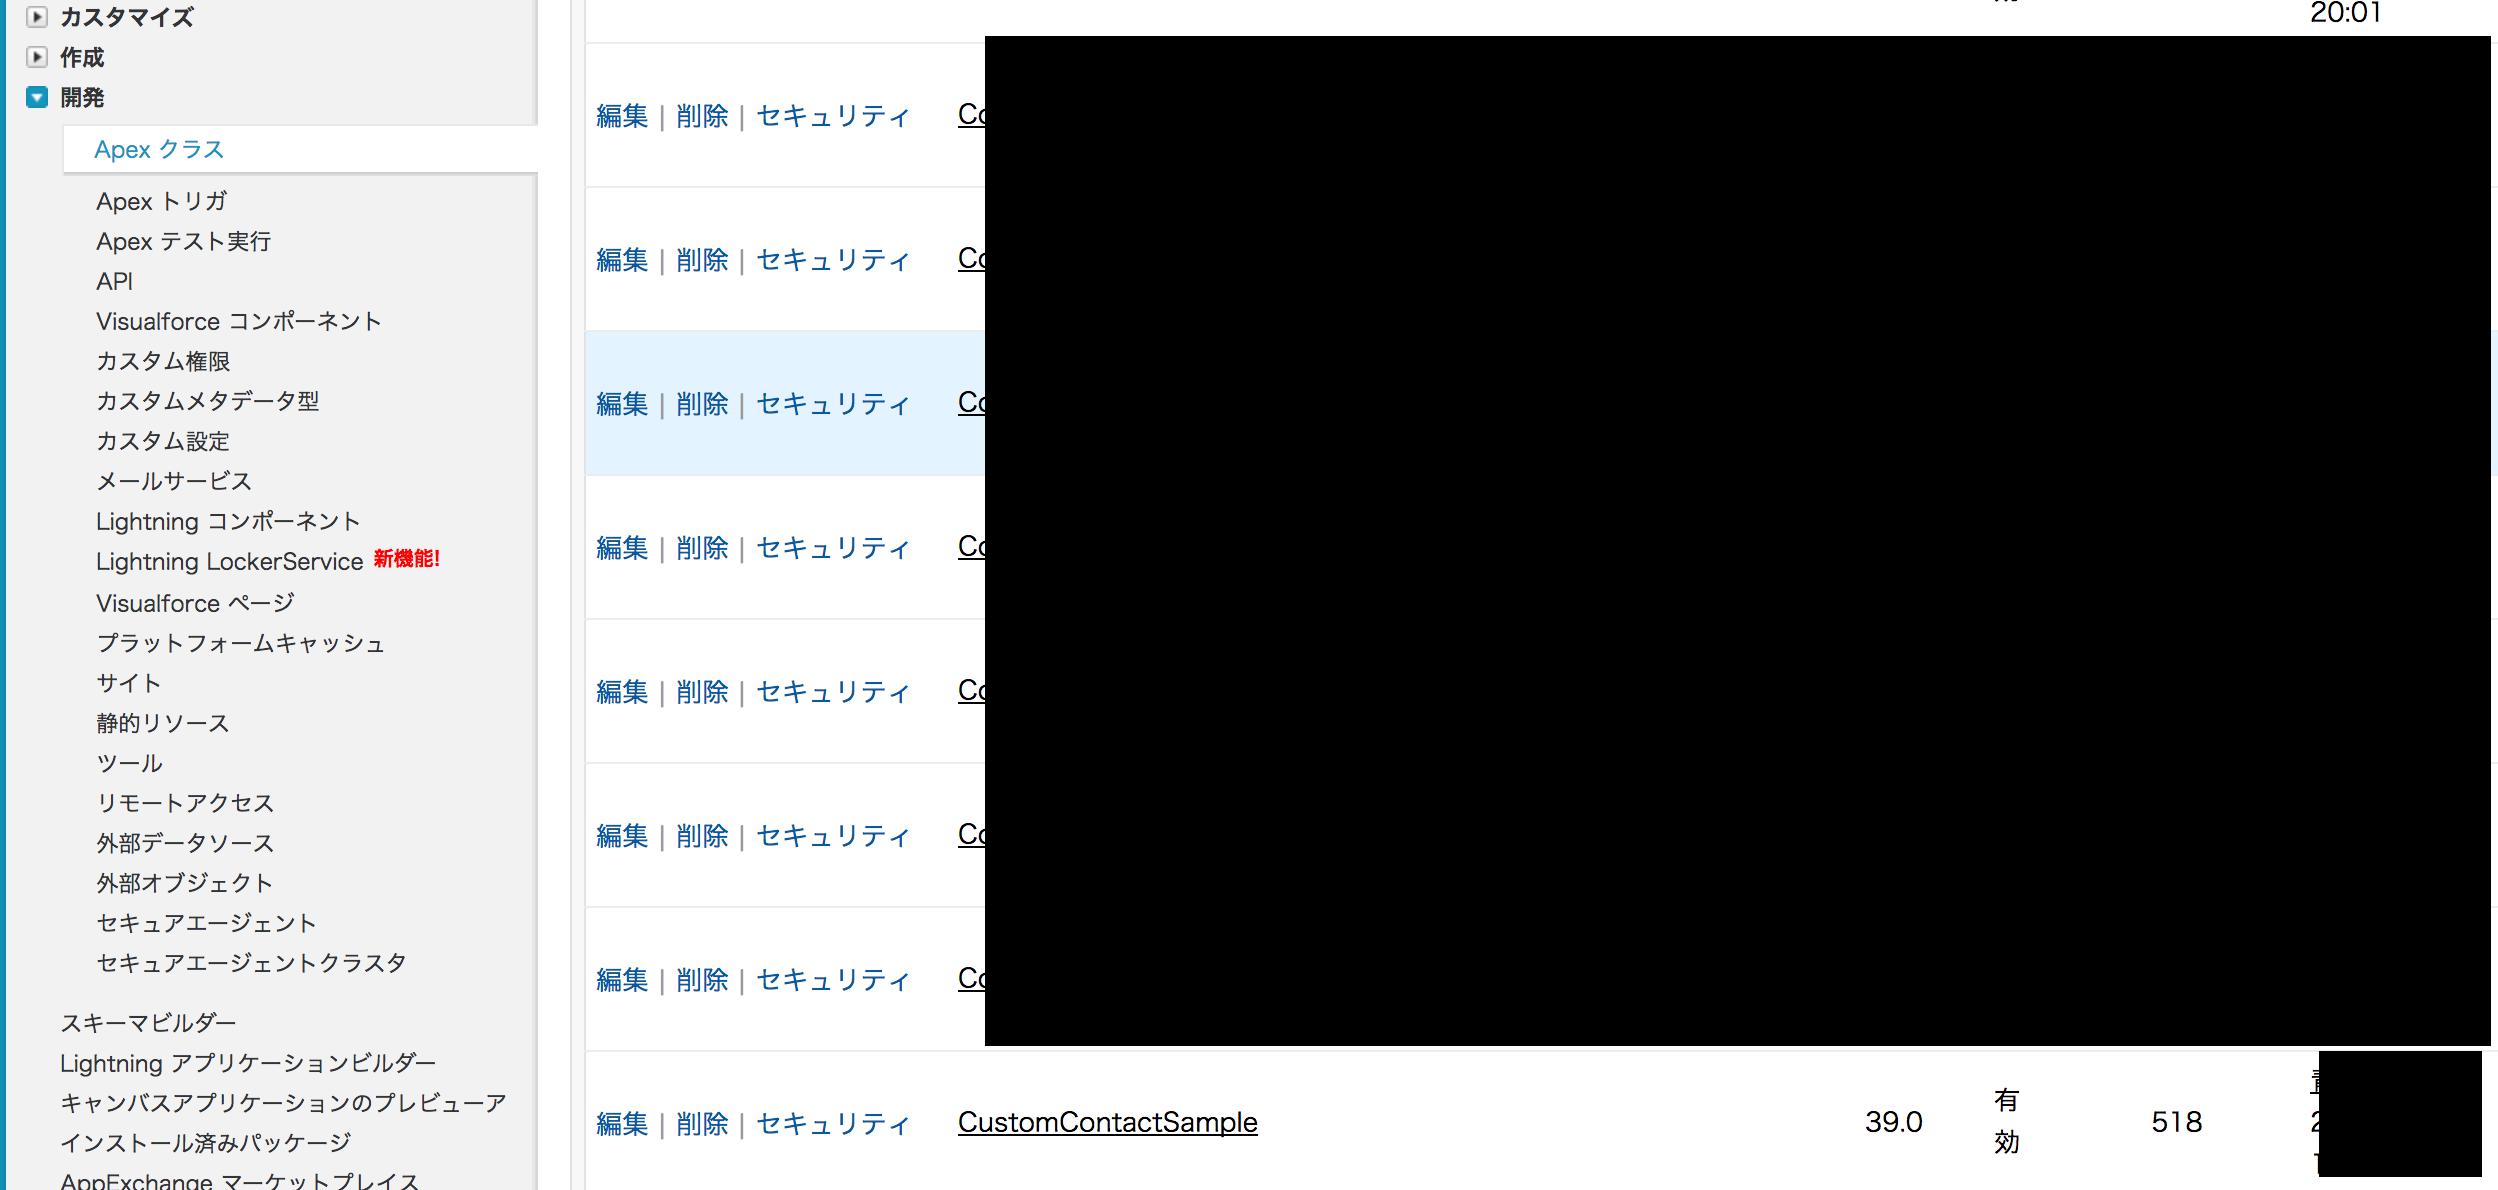 スクリーンショット 2017-03-14 2.01.36.png